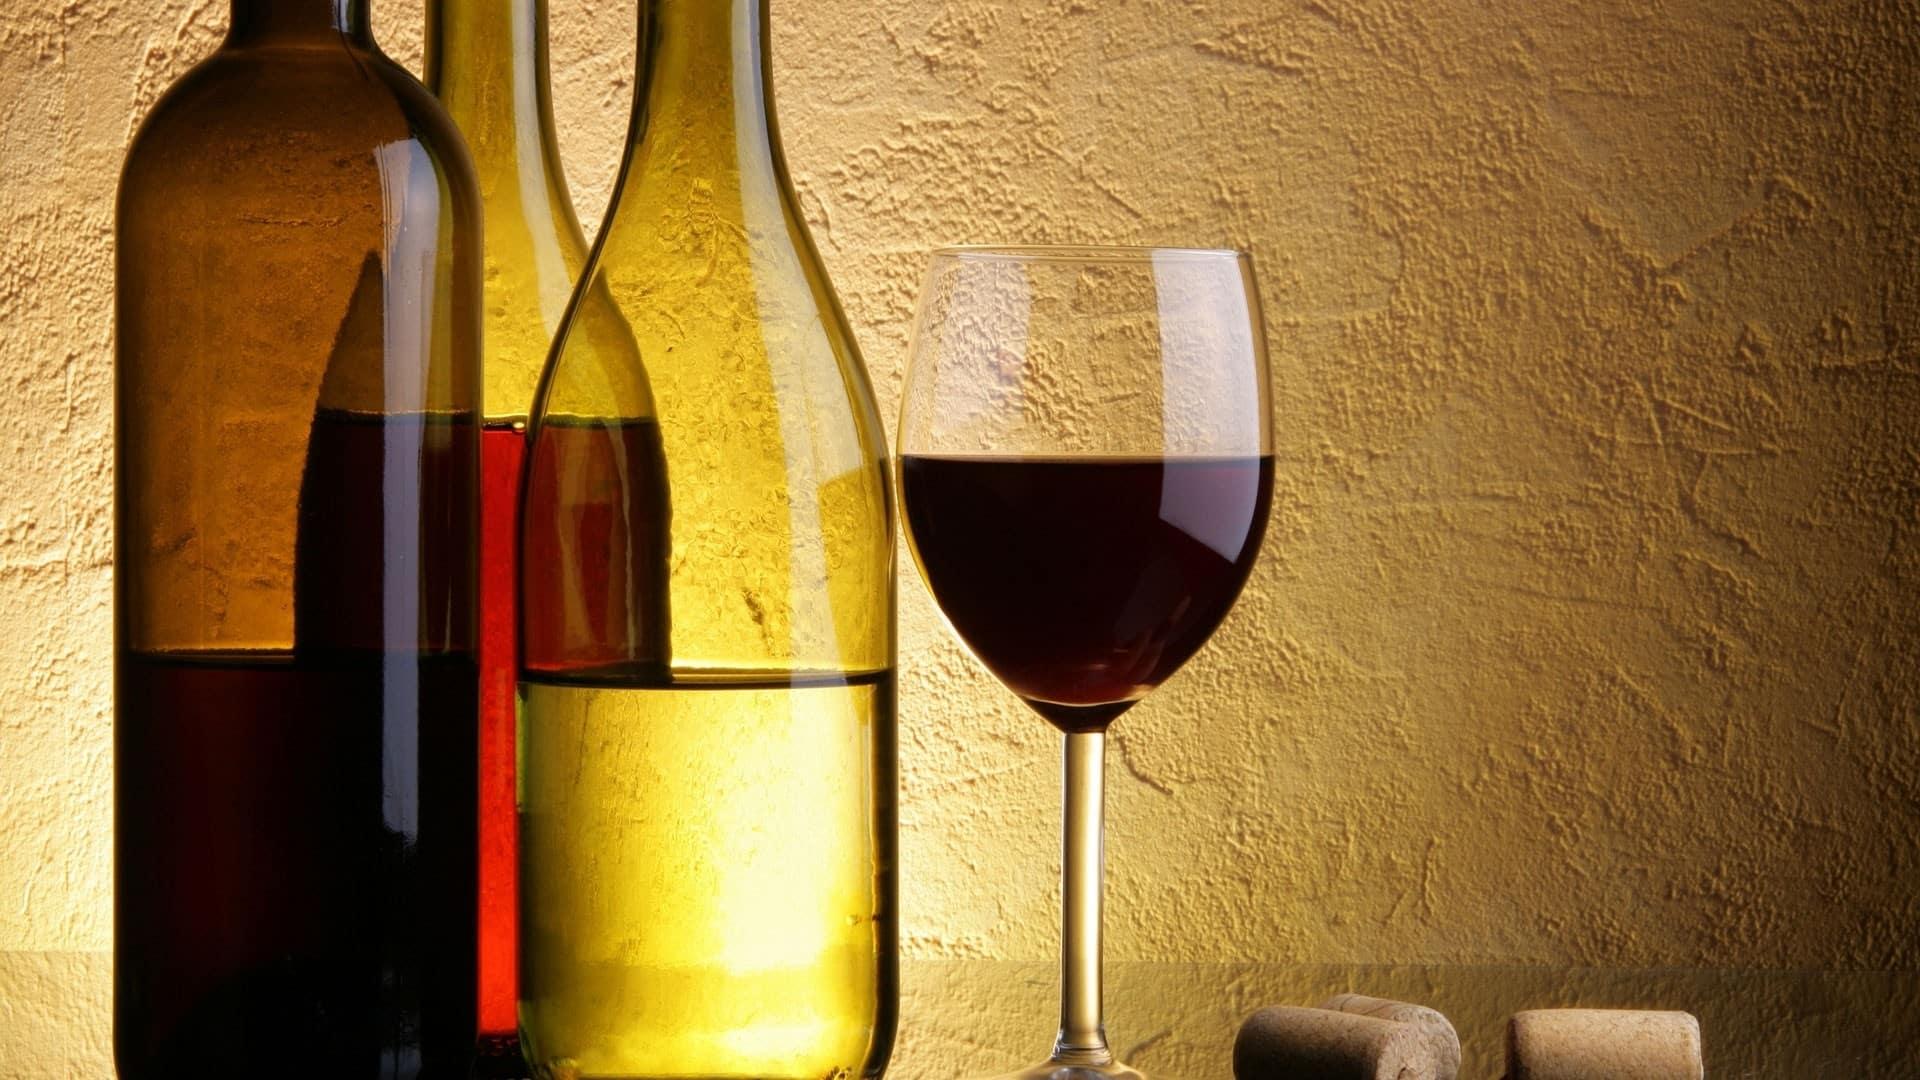 Quelles boutiques choisir pour ses achats de vins ?